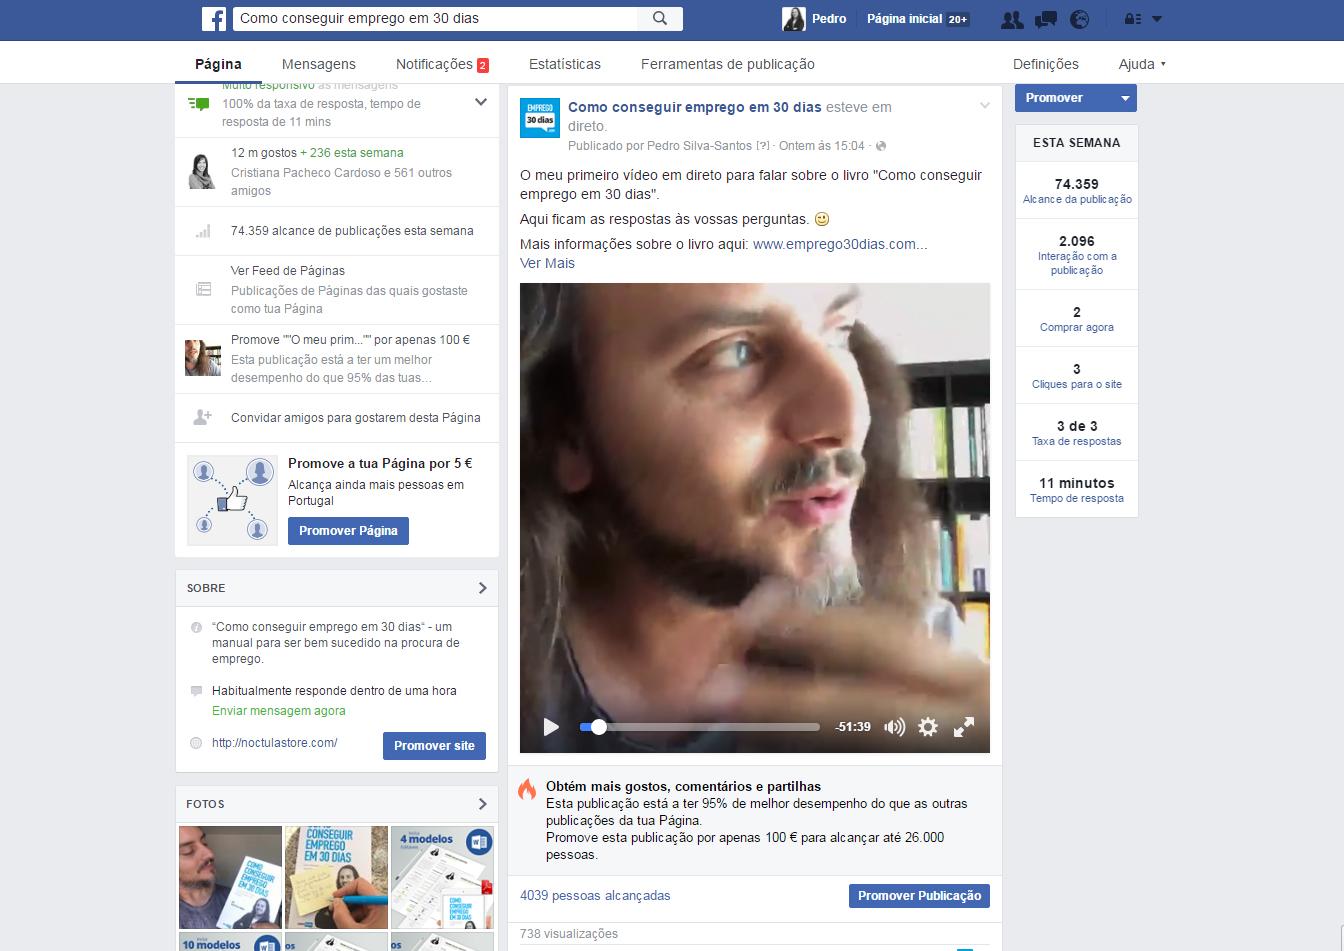 Videos em direto no Facebook